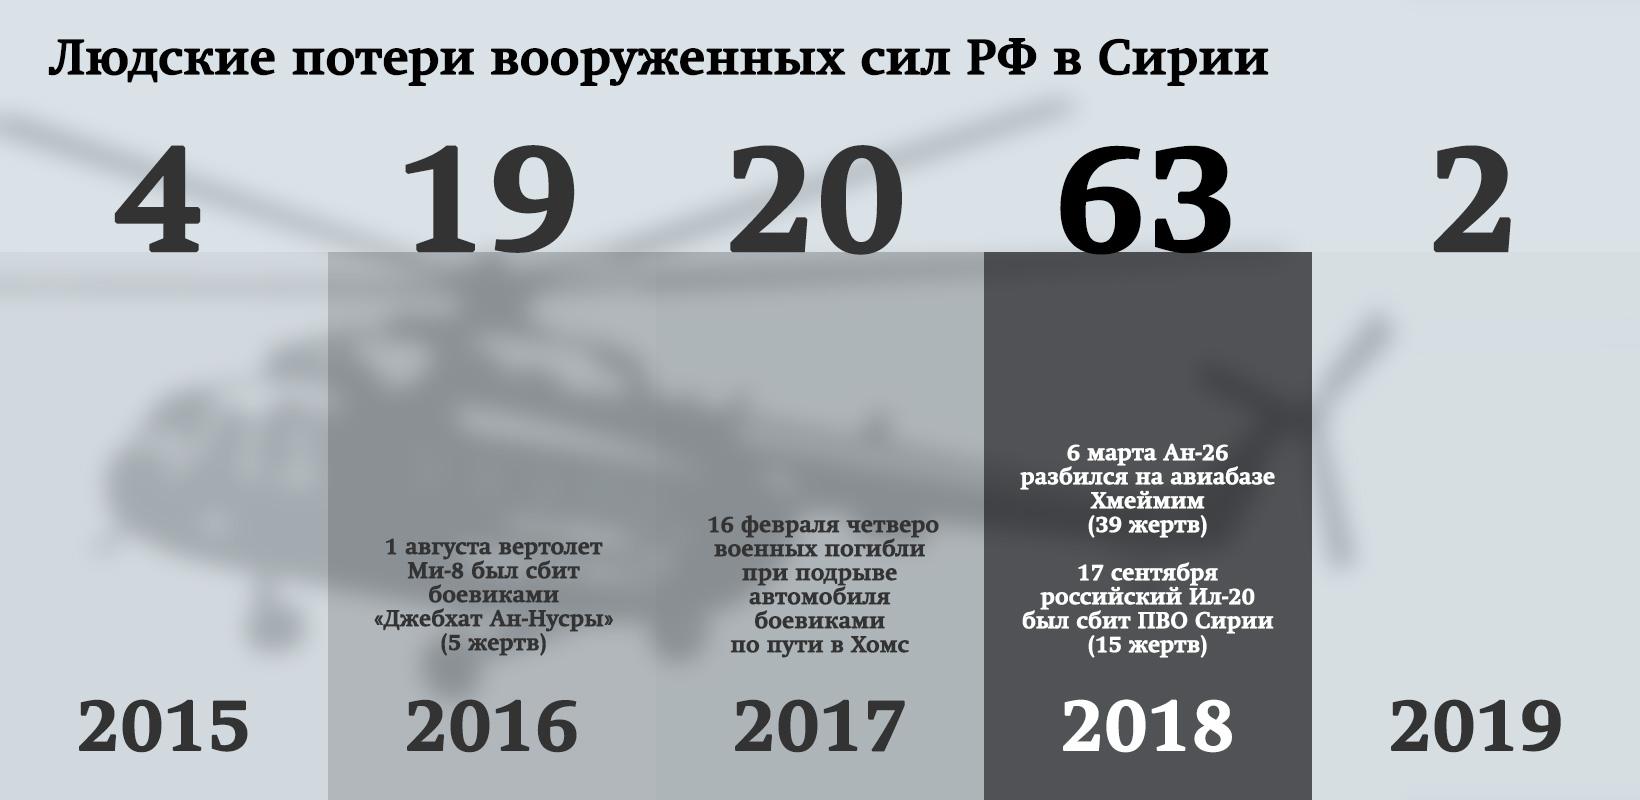 сколько погибло в сирии